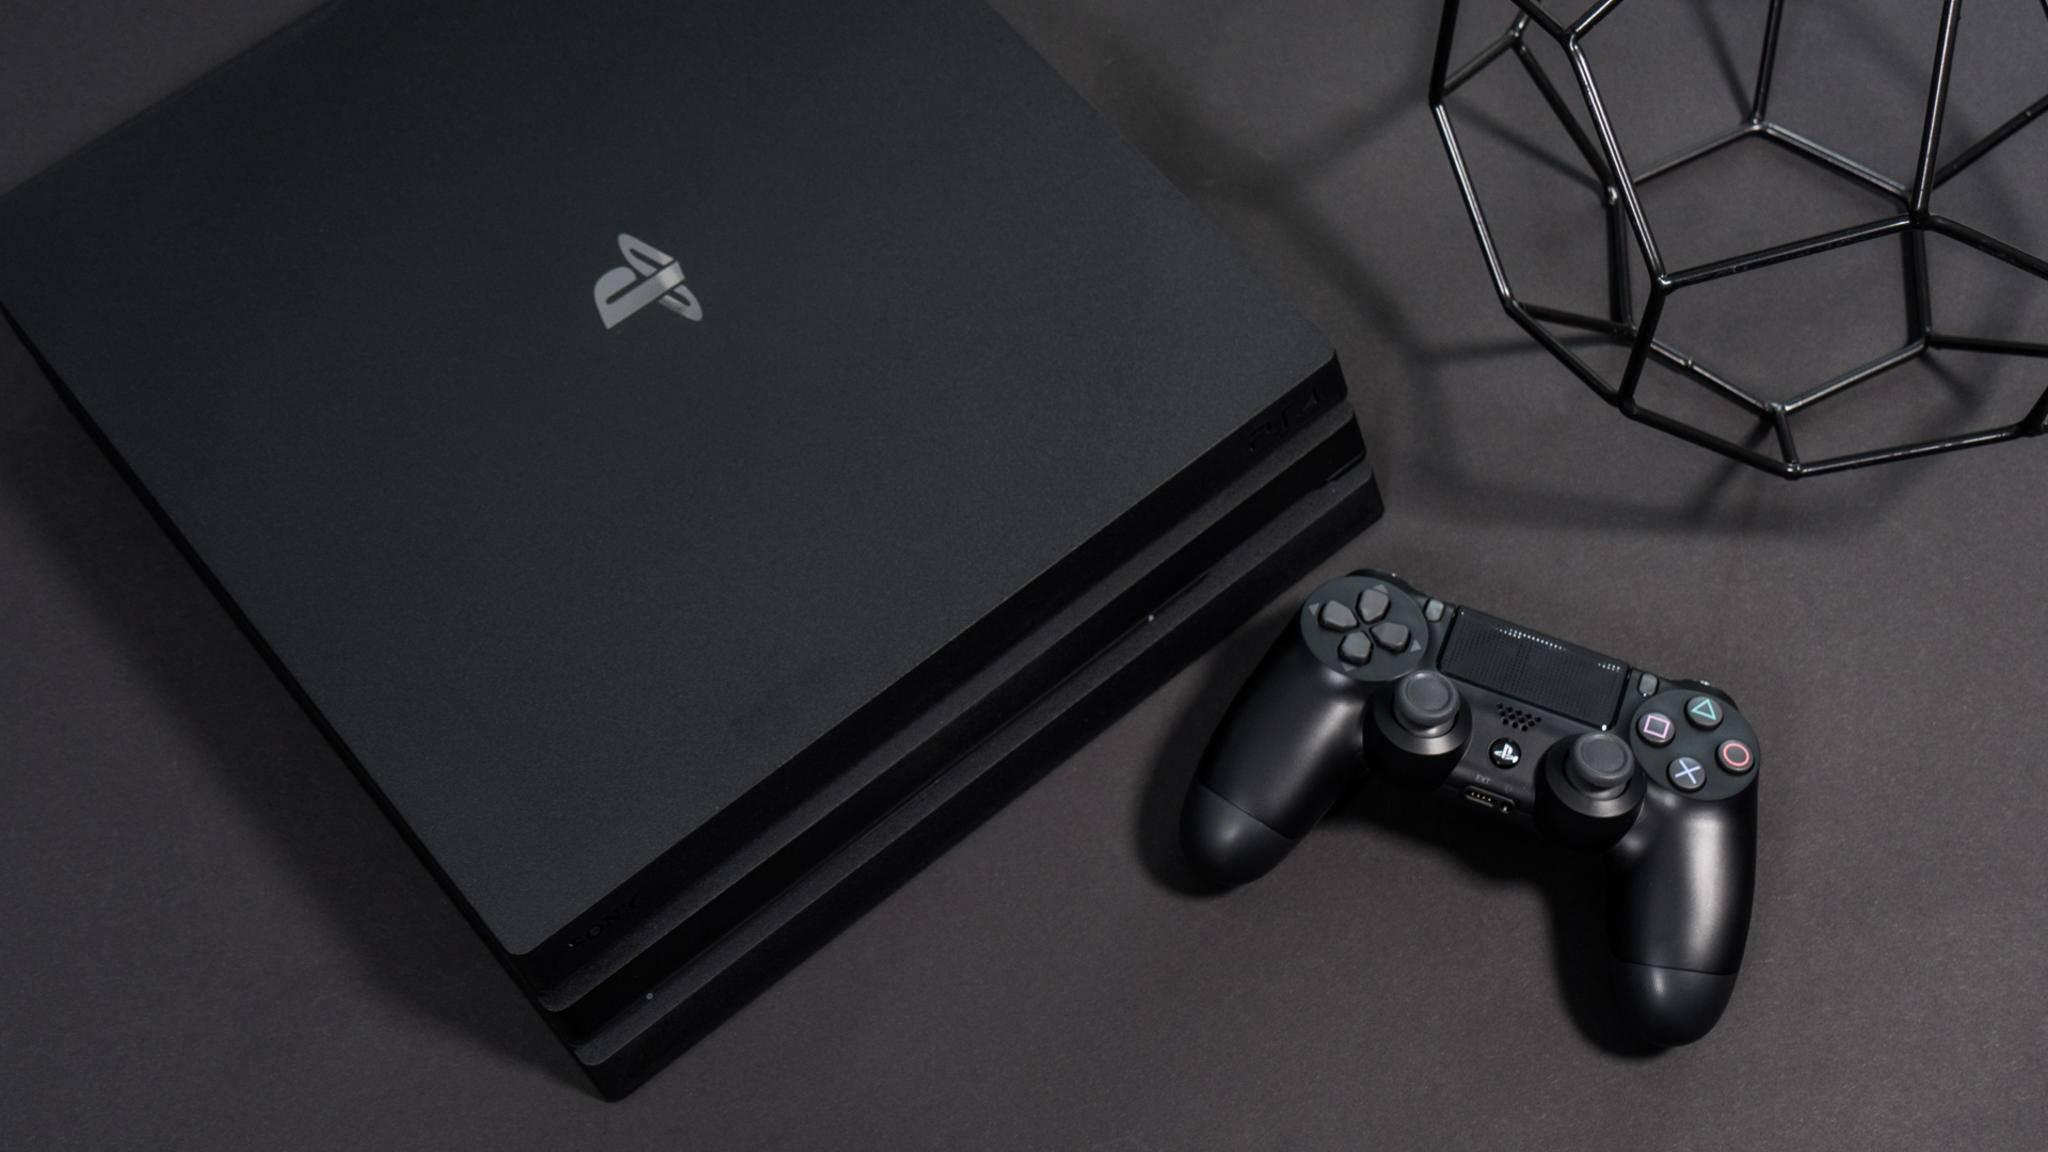 Server-Probleme meldet die PS4 mit dem Kürzel NP vor dem Fehlercode.